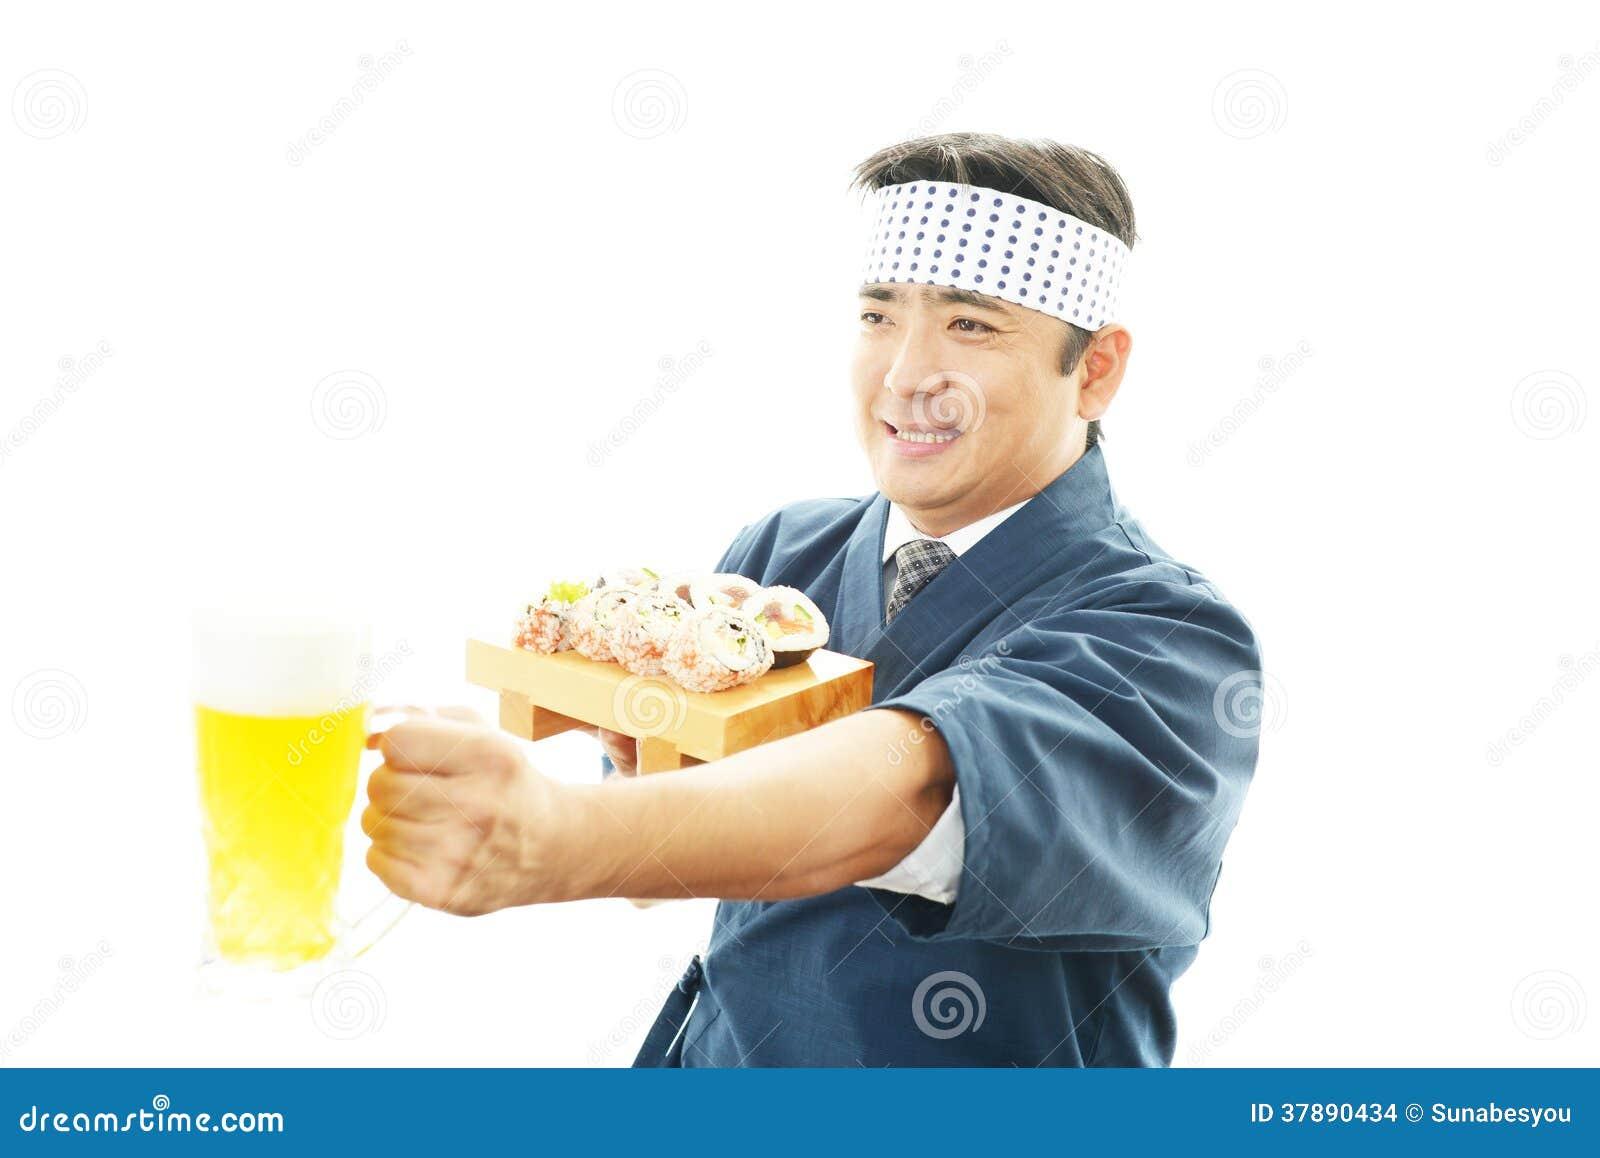 Portret van een Japanse chef-kok